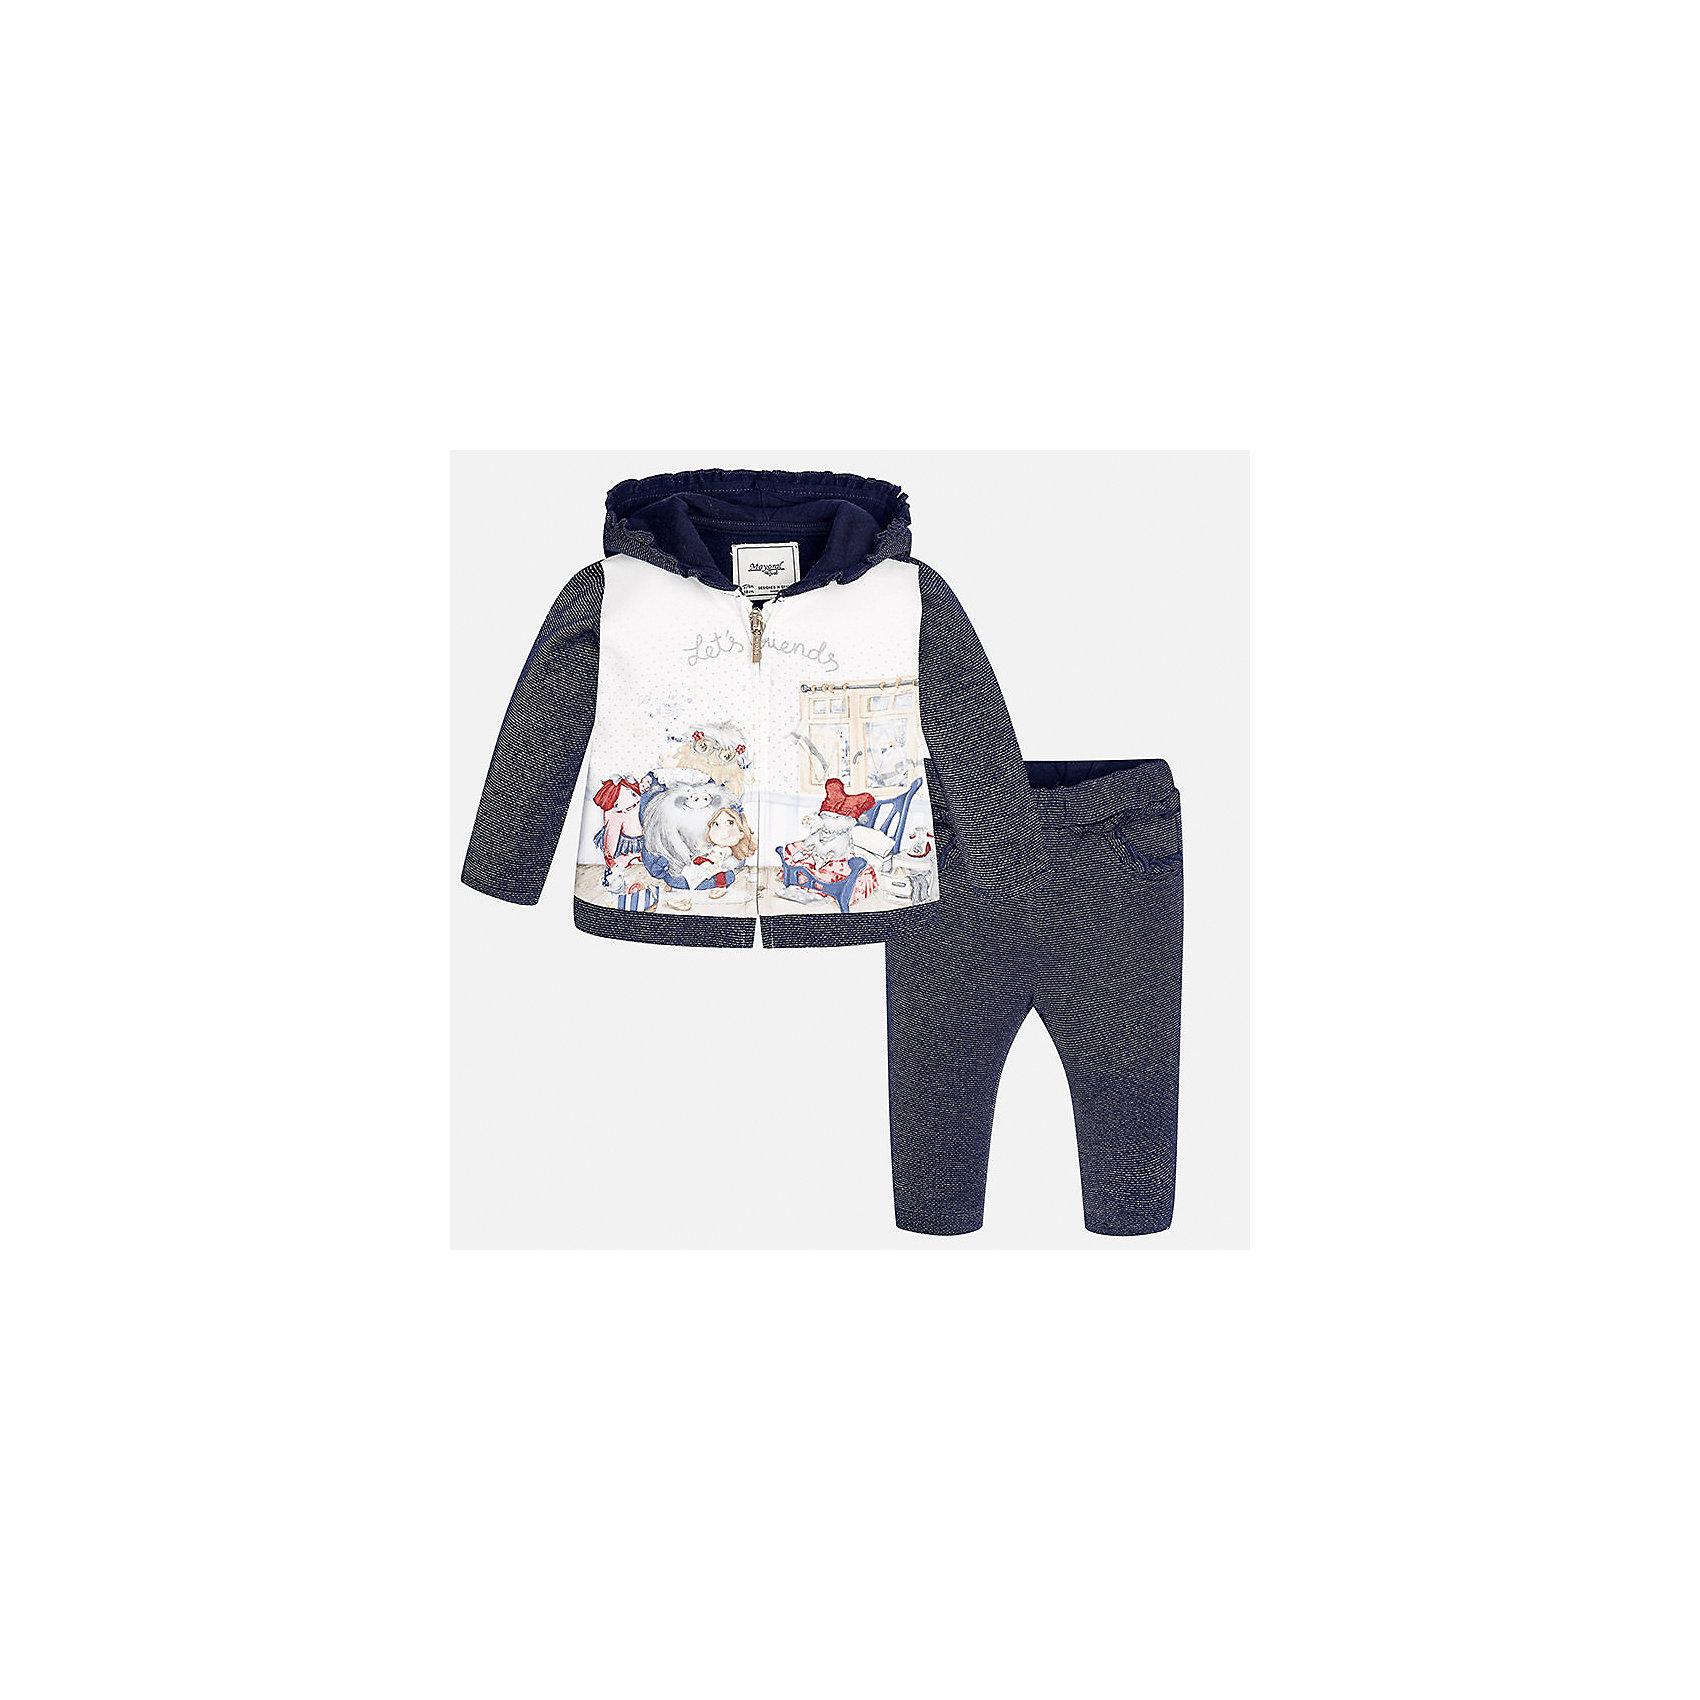 Спортивный костюм для девочки MayoralКомплекты<br>Характеристики товара:<br><br>• цвет: синий<br>• состав ткани курточки: 65% хлопок, 25% полиэстер, 8% металлизированная нить, 2% эластан<br>• состав ткани брюк: 53% хлопок, 35% полиэстер, 12% металлизированная нить<br>• комплект: курточка и брюки<br>• сезон: демисезон<br>• особенности: спортивный стиль<br>• длинные рукава<br>• застежка: молния<br>• пояс: резинка<br>• страна бренда: Испания<br>• страна изготовитель: Индия<br><br>Детский спортивный костюм - отличный вариант одежды для отдыха и занятий спортом. Курточка из спортивного комплекта дополнена капюшоном. Удобный детский спортивный костюм от известного бренда Майорал выглядит аккуратно и стильно. <br><br>Спортивный костюм для девочки Mayoral (Майорал) можно купить в нашем интернет-магазине.<br><br>Ширина мм: 247<br>Глубина мм: 16<br>Высота мм: 140<br>Вес г: 225<br>Цвет: синий<br>Возраст от месяцев: 24<br>Возраст до месяцев: 36<br>Пол: Женский<br>Возраст: Детский<br>Размер: 98,74,80,86,92<br>SKU: 6920625